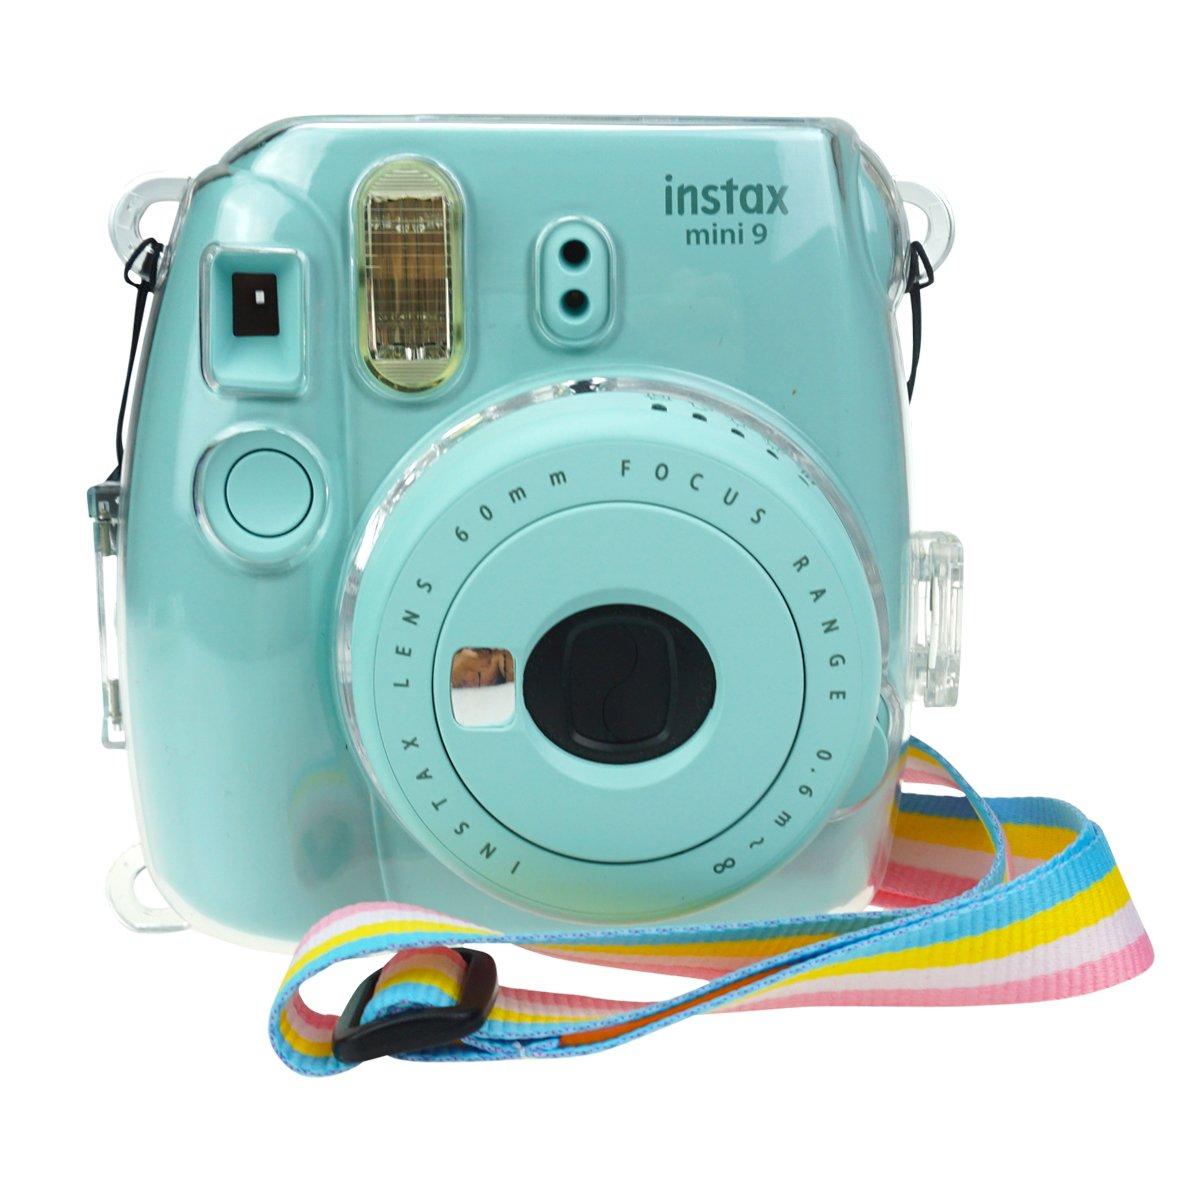 Anter Crystal Instax Mini 8 étui en PVC pour Fujifilm Instax Mini 8 Mini 8+ Mini 9 Appareil Photo instantané avec Sangle colorée Amovible - Transparent Boîtier Instax mini9 / 8/8 +